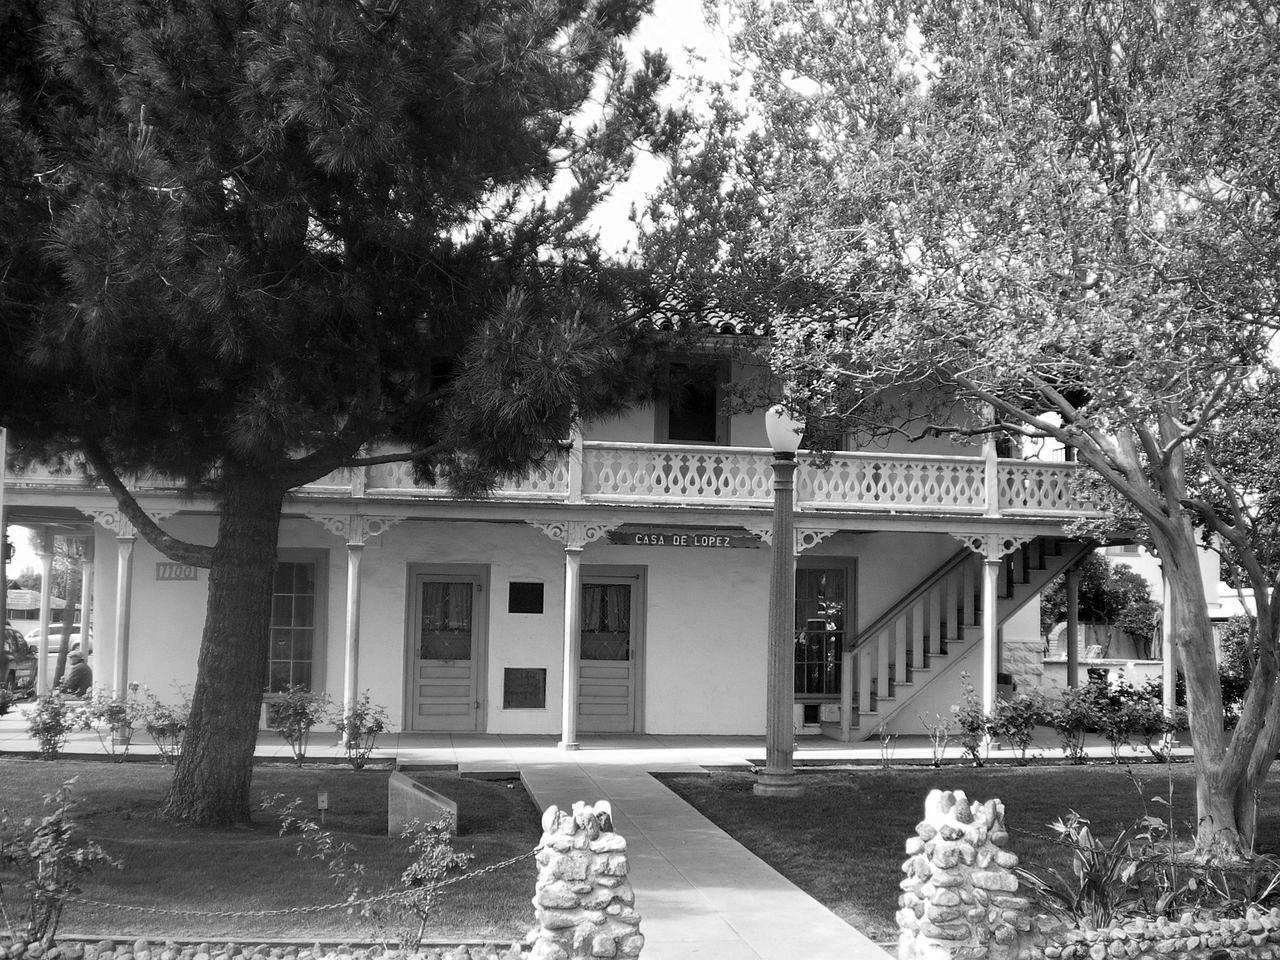 6057654932 (2008)   - Front view of Casa de Lopez (Lopez Adobe)